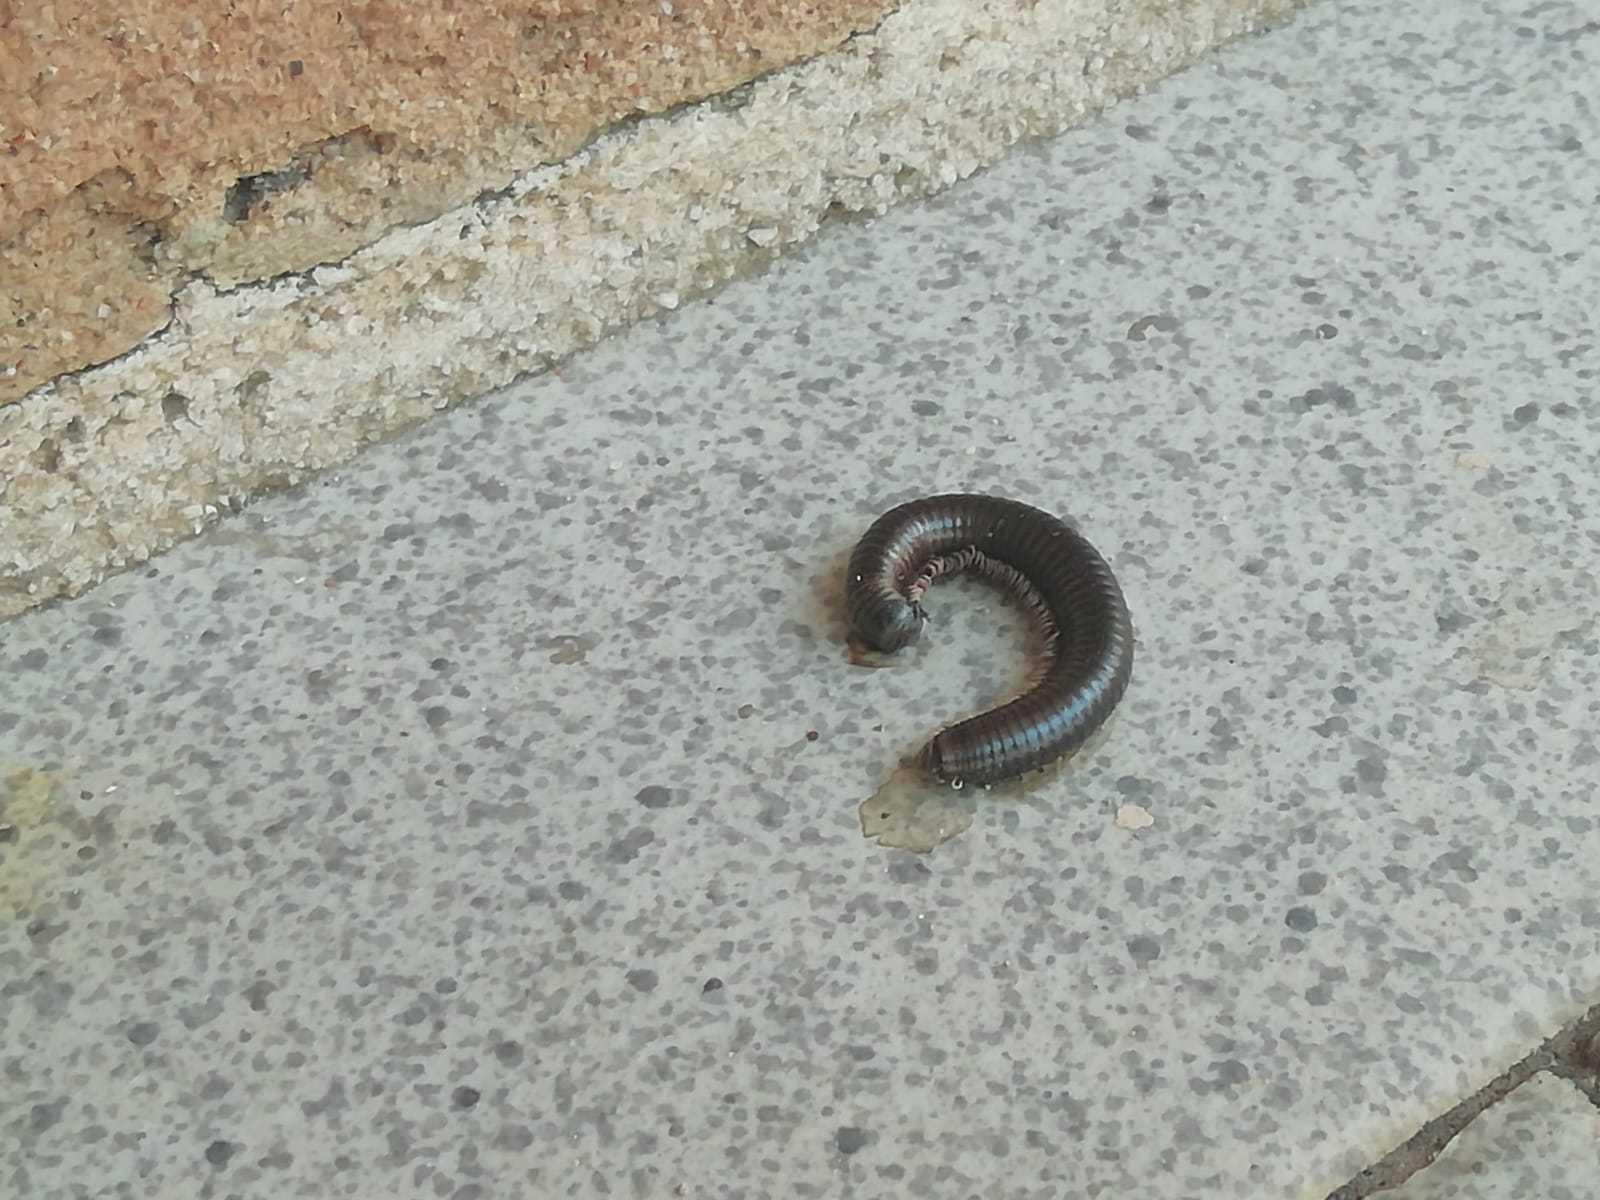 Sapete dirmi di che animale si tratta li trovo sui muri - Piccoli insetti sui muri di casa ...